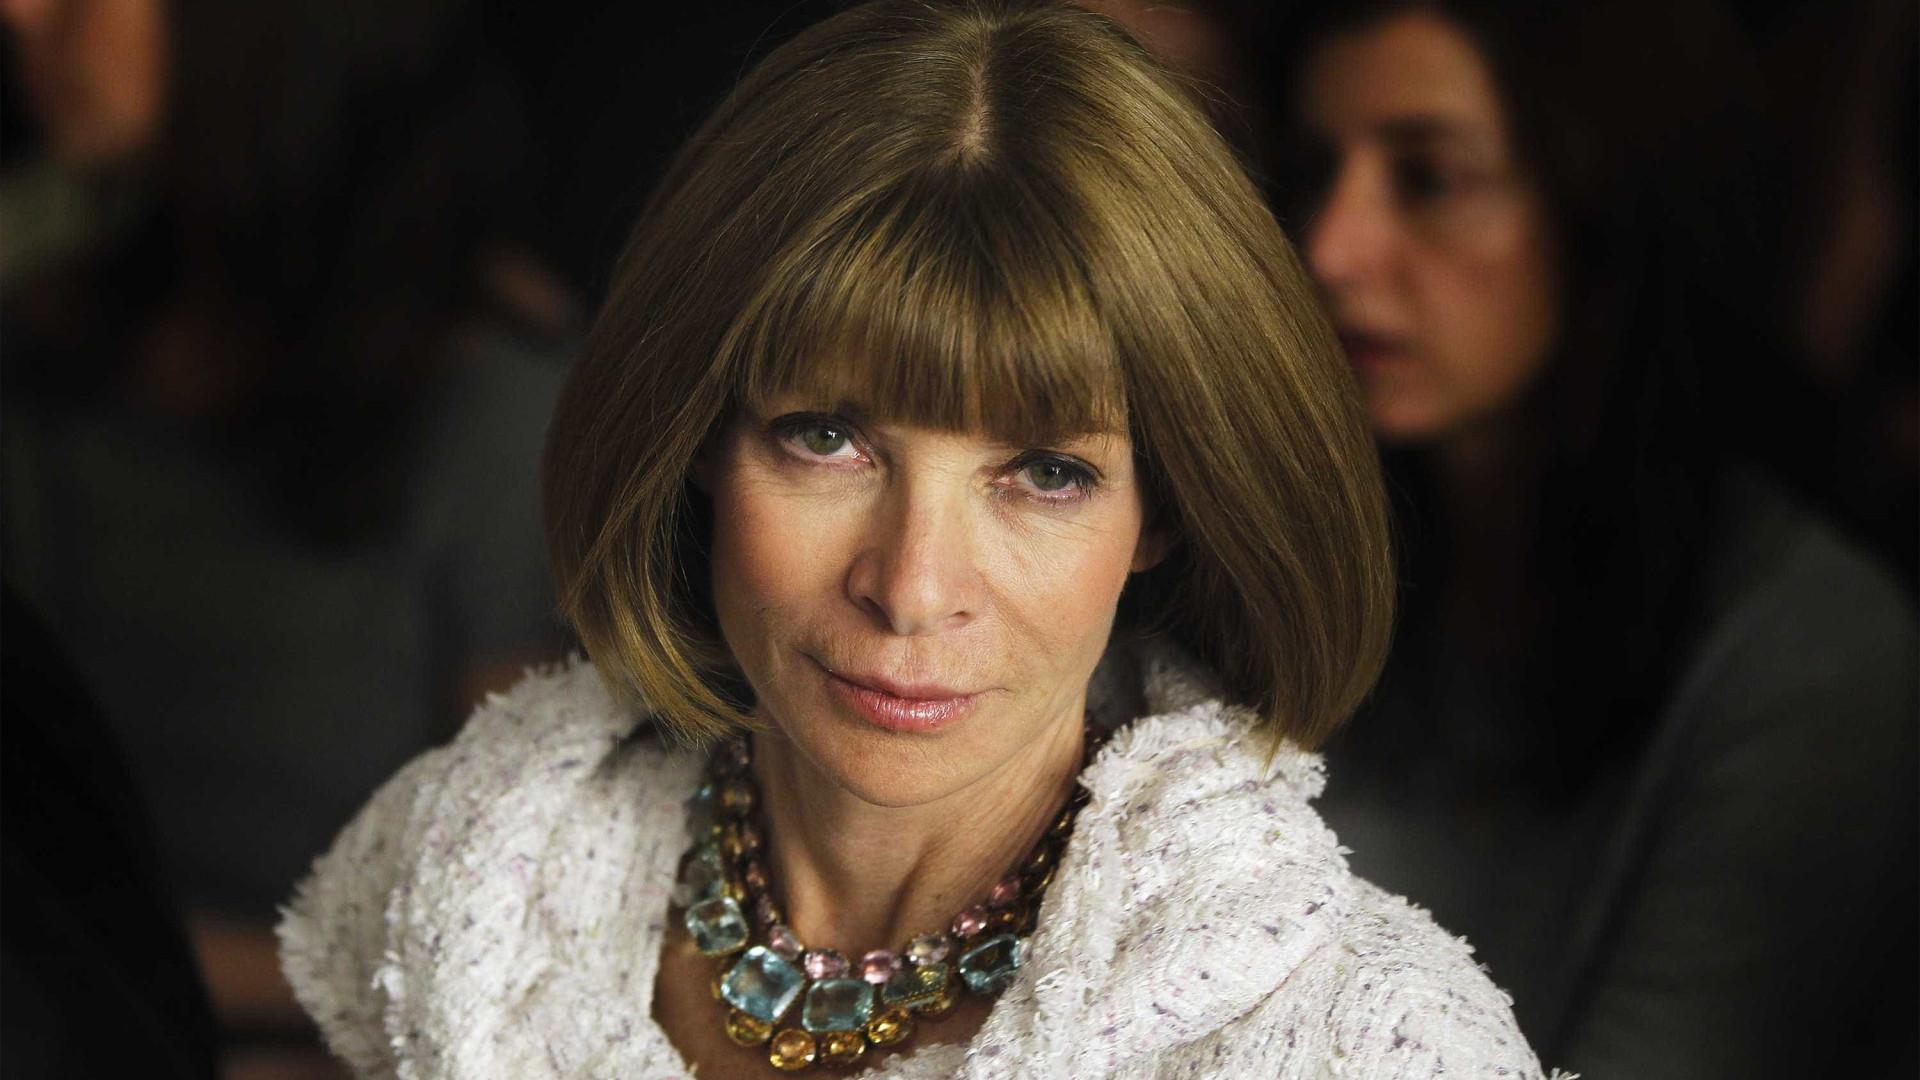 Anna Wintour será editora-chefe da Vogue 'indefinidamente'